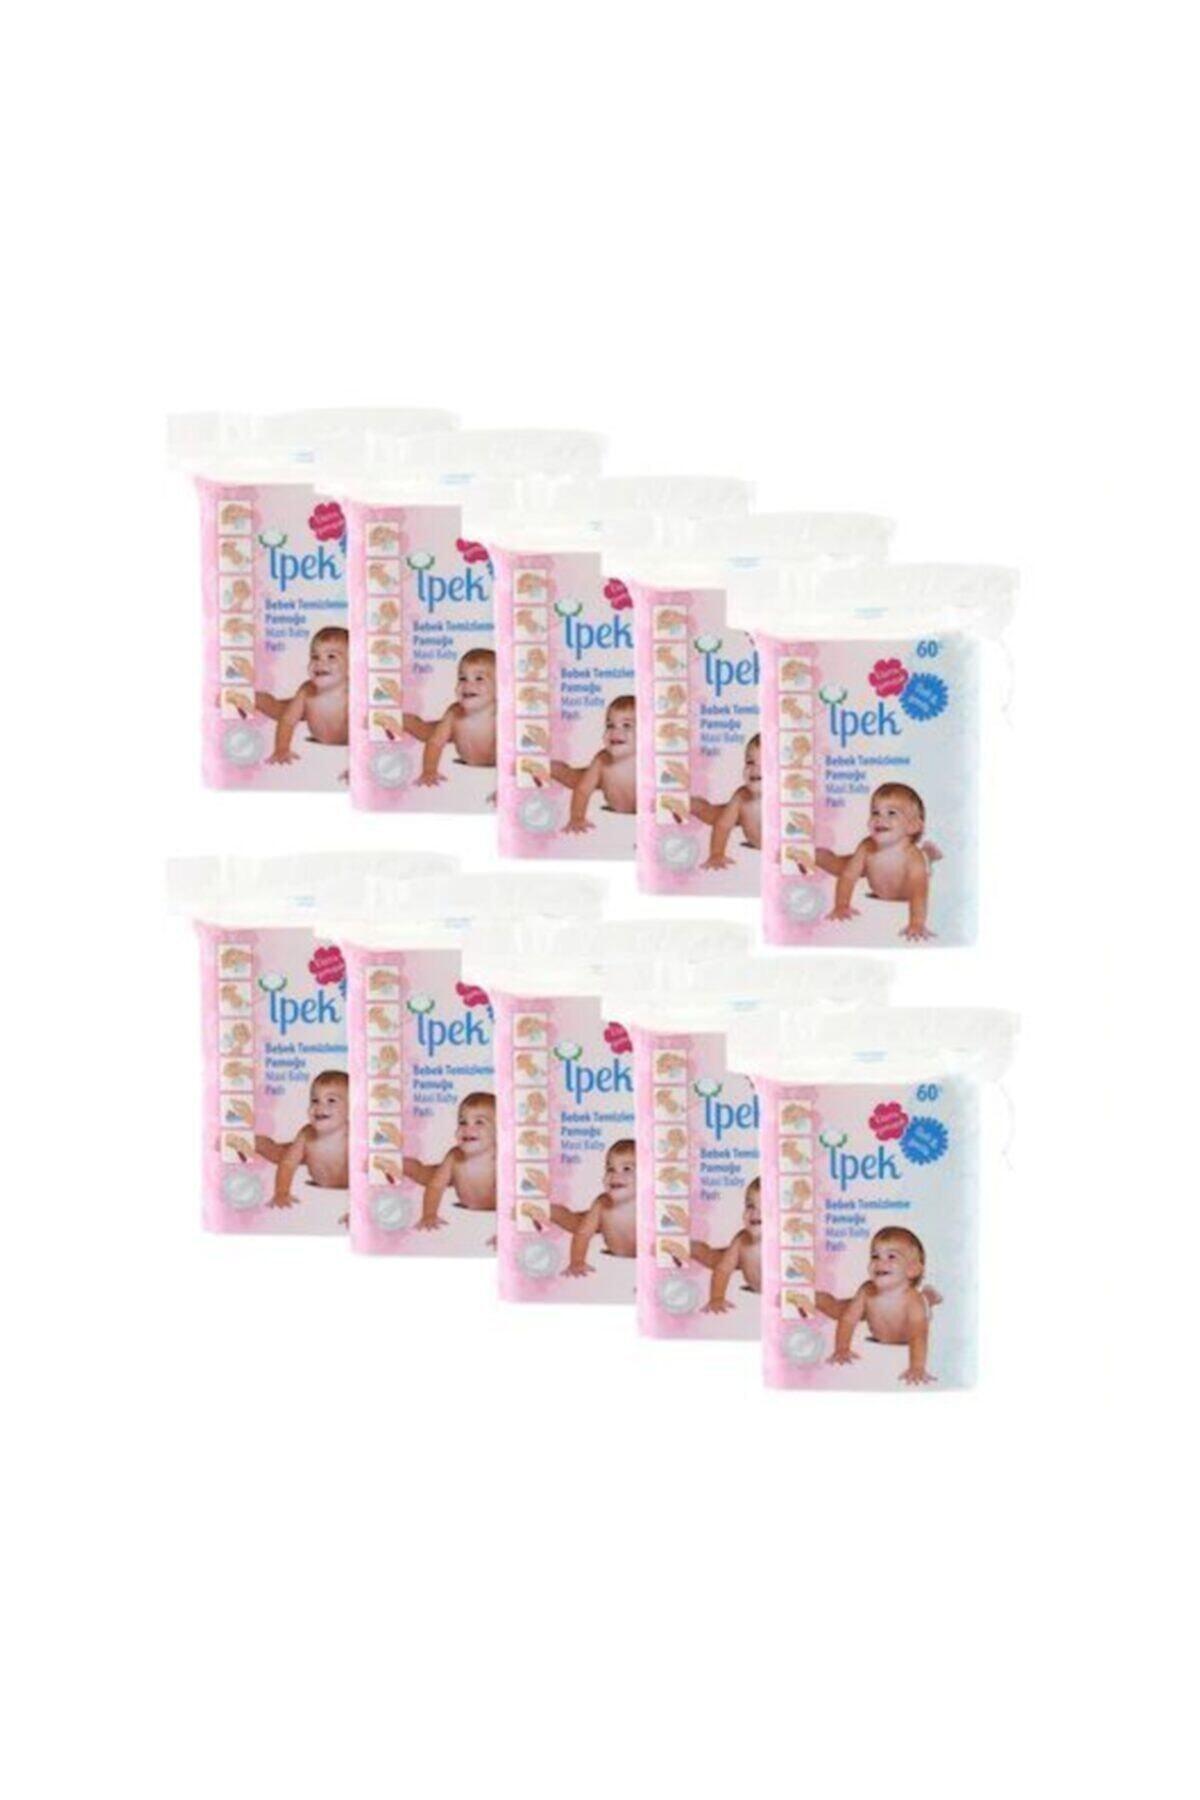 İpek Bebek Temizleme Pamuğu 60'lı 30 Paket 1